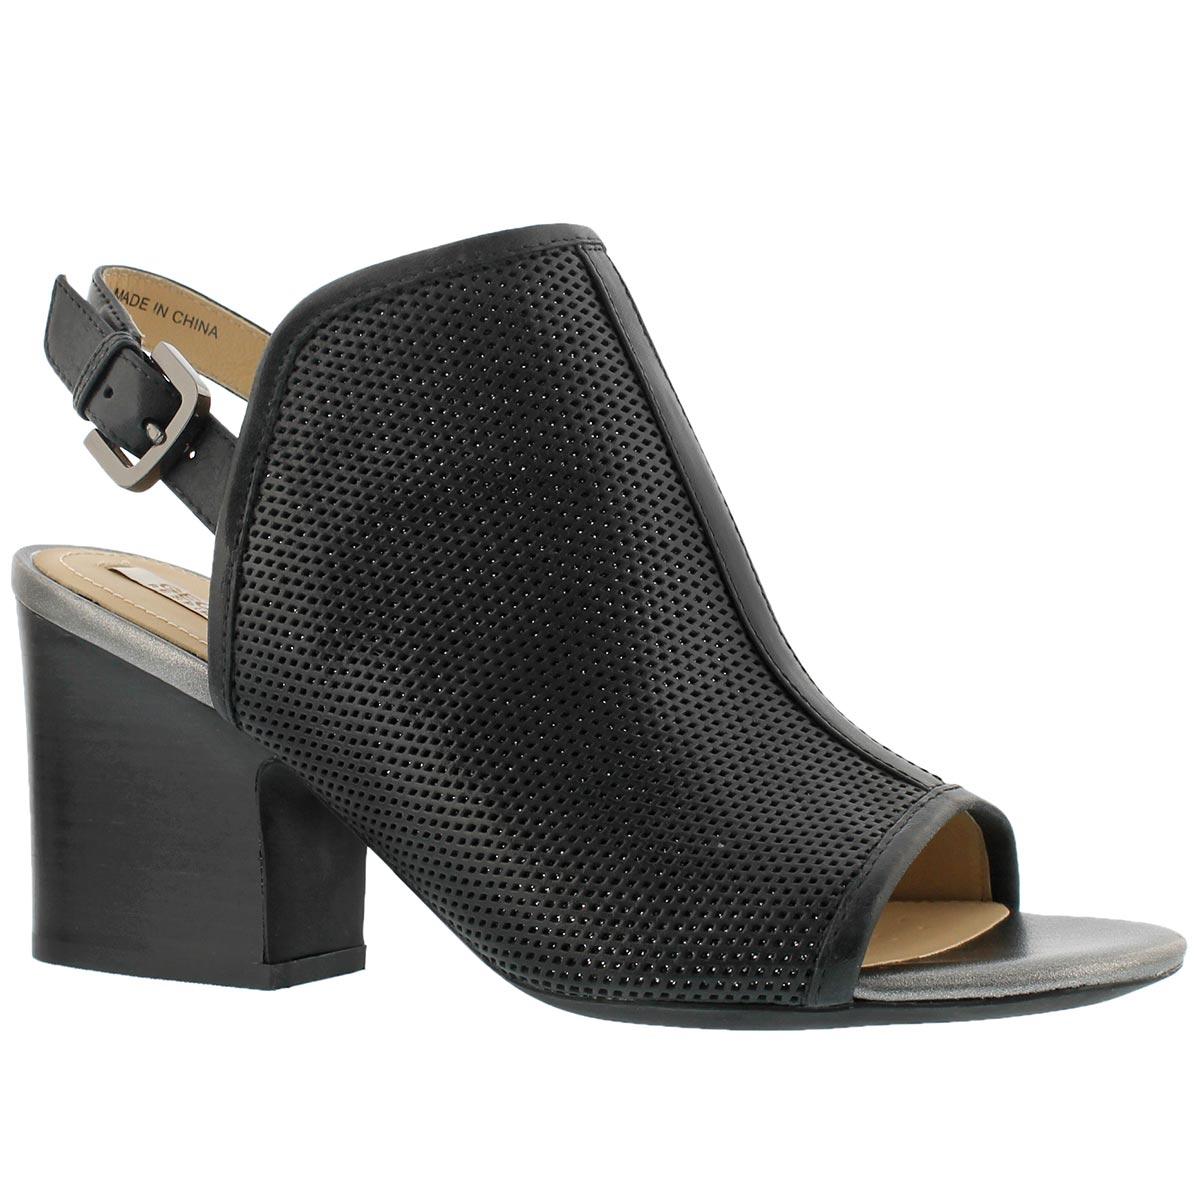 Women's MARILYSE C black dress sandal